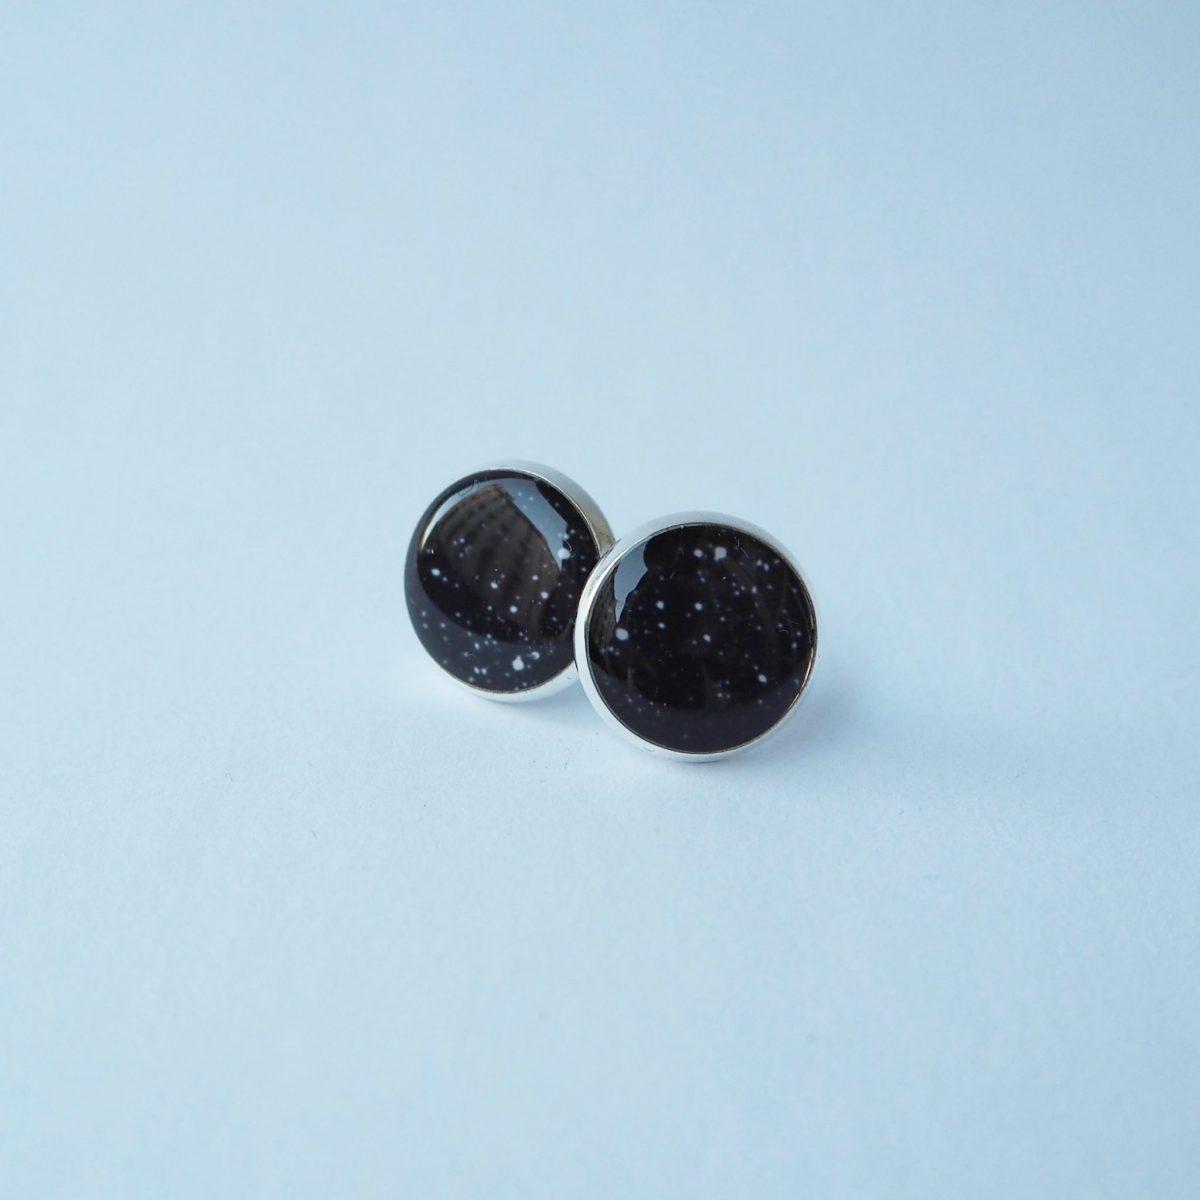 Náušnice pecky černé s puntíky